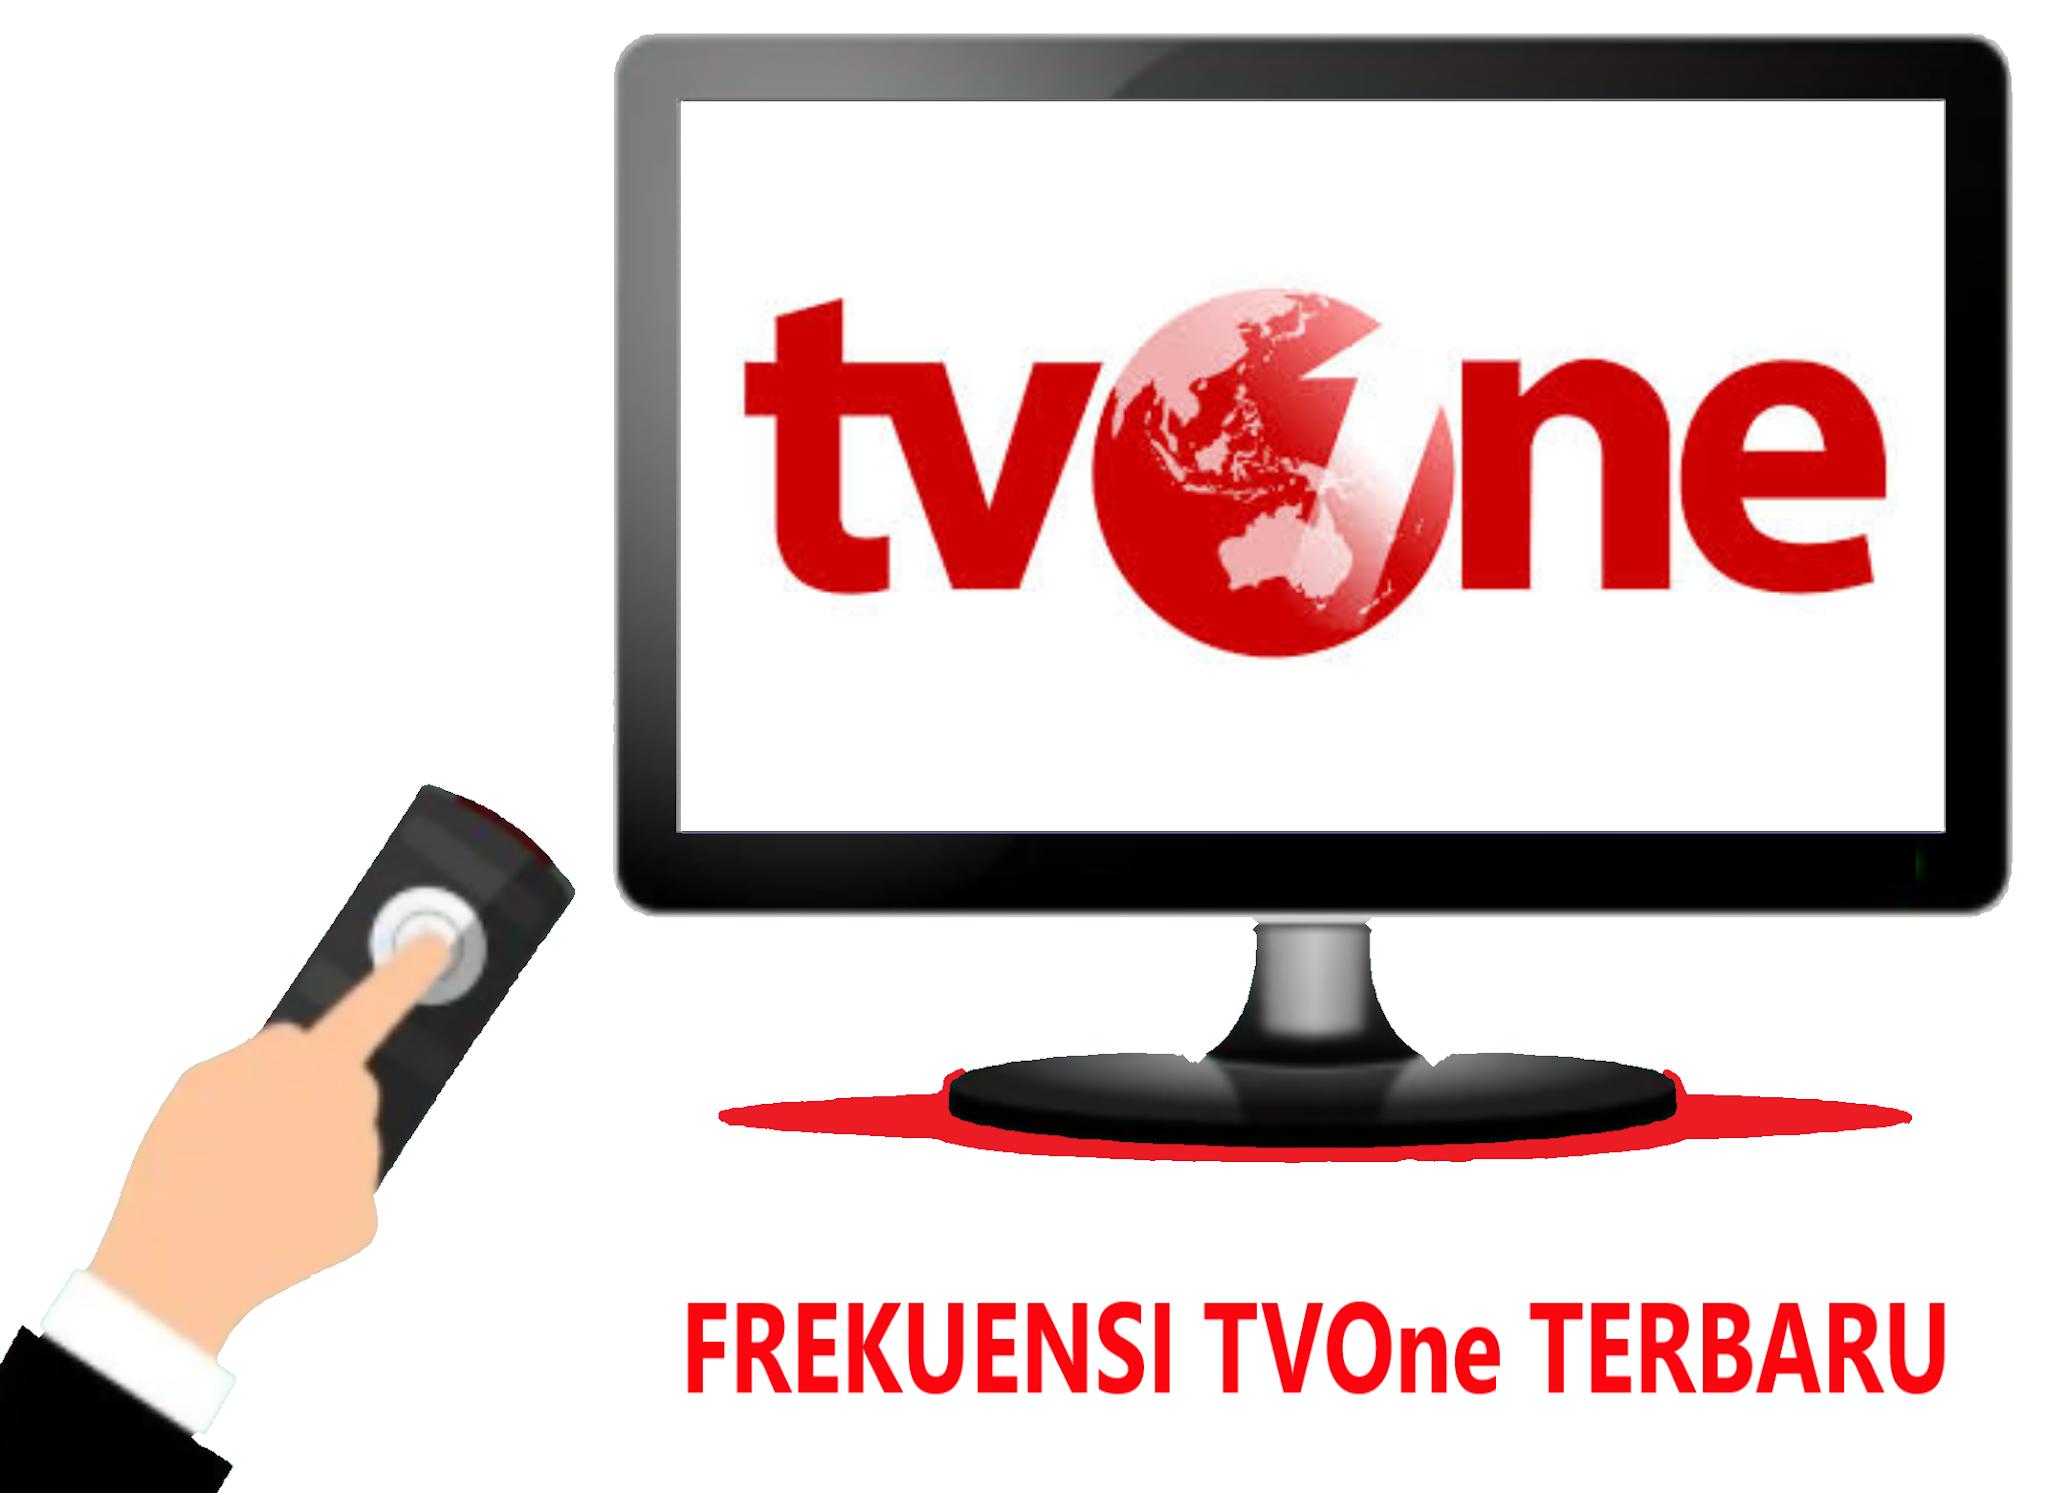 Frekuensi TVOne Terbaru Di Telkom 4 Update 2020